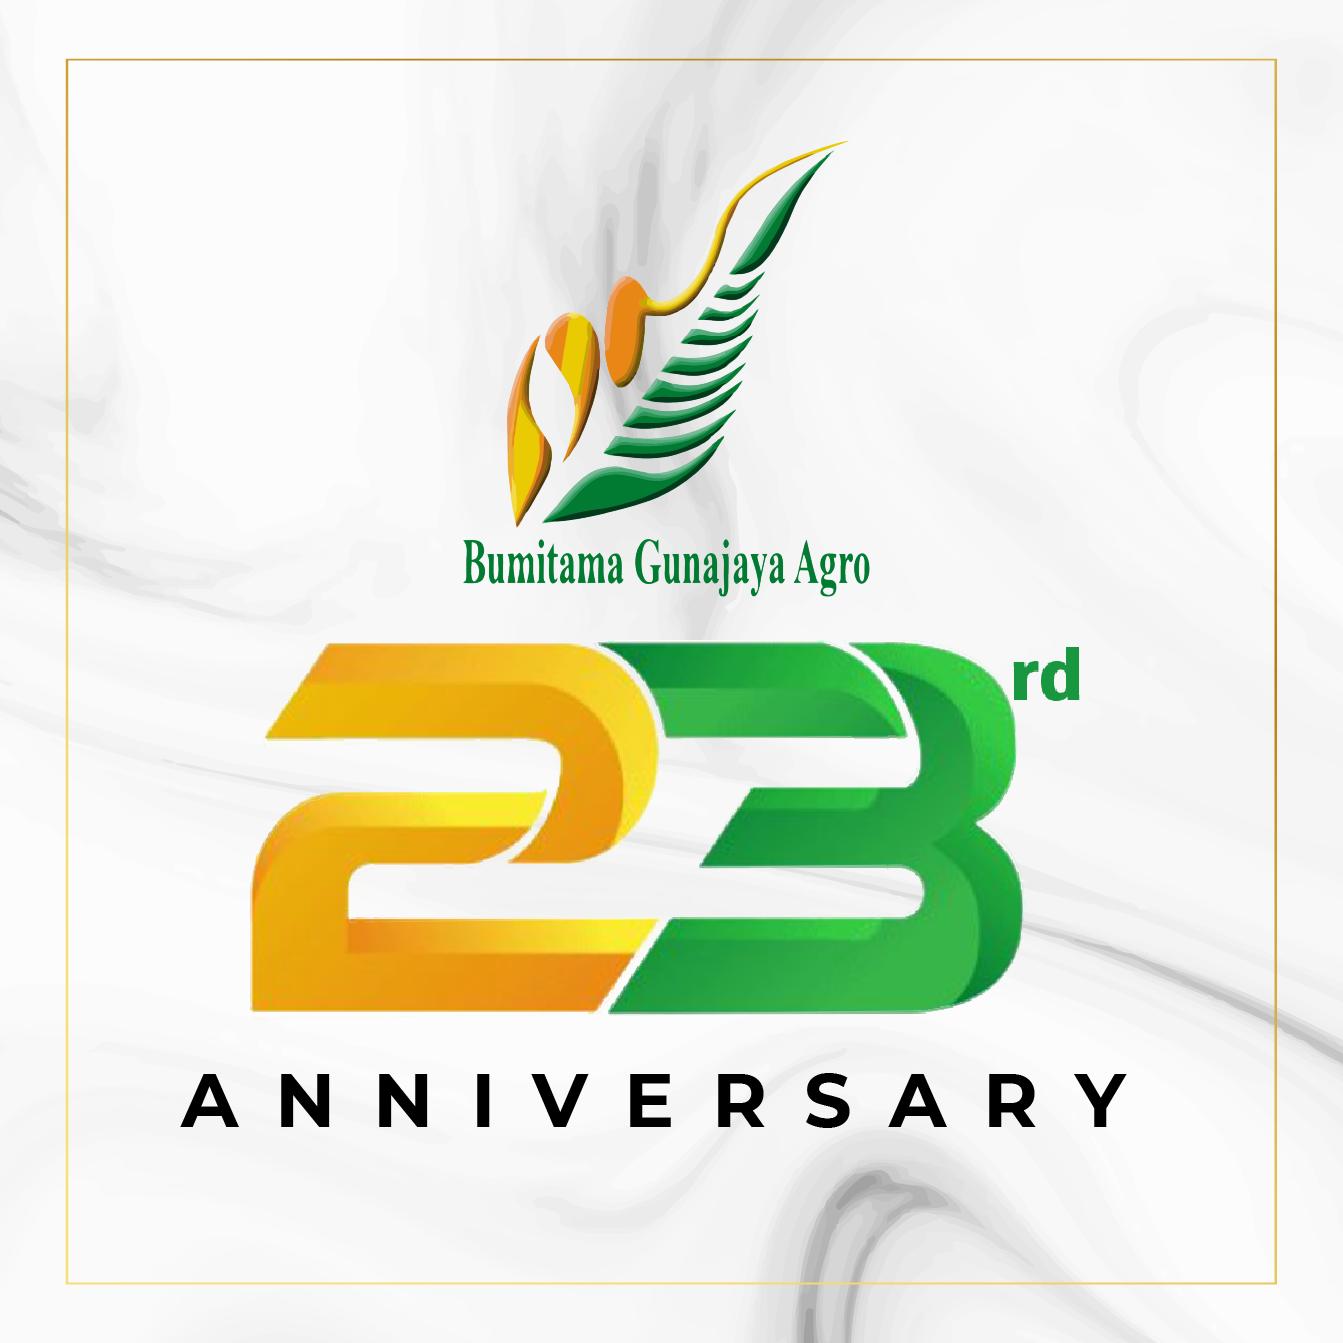 Selamat Ulang Tahun BGA yang Ke-23 - Semoga BGA Tetap Jaya